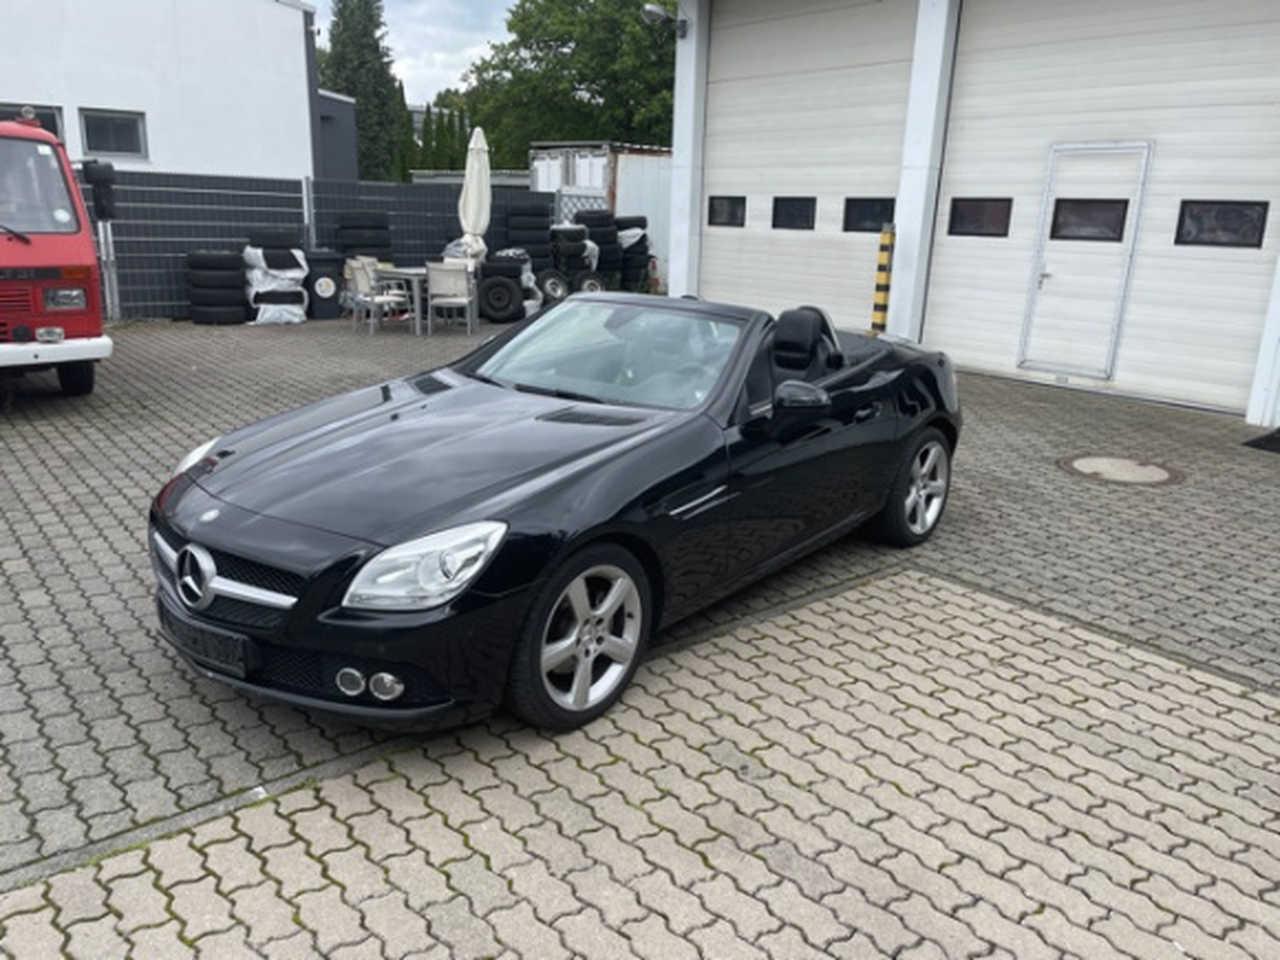 Mercedes Benz Clase SLK ocasión segunda mano 2011 Gasolina por 18.900€ en Girona